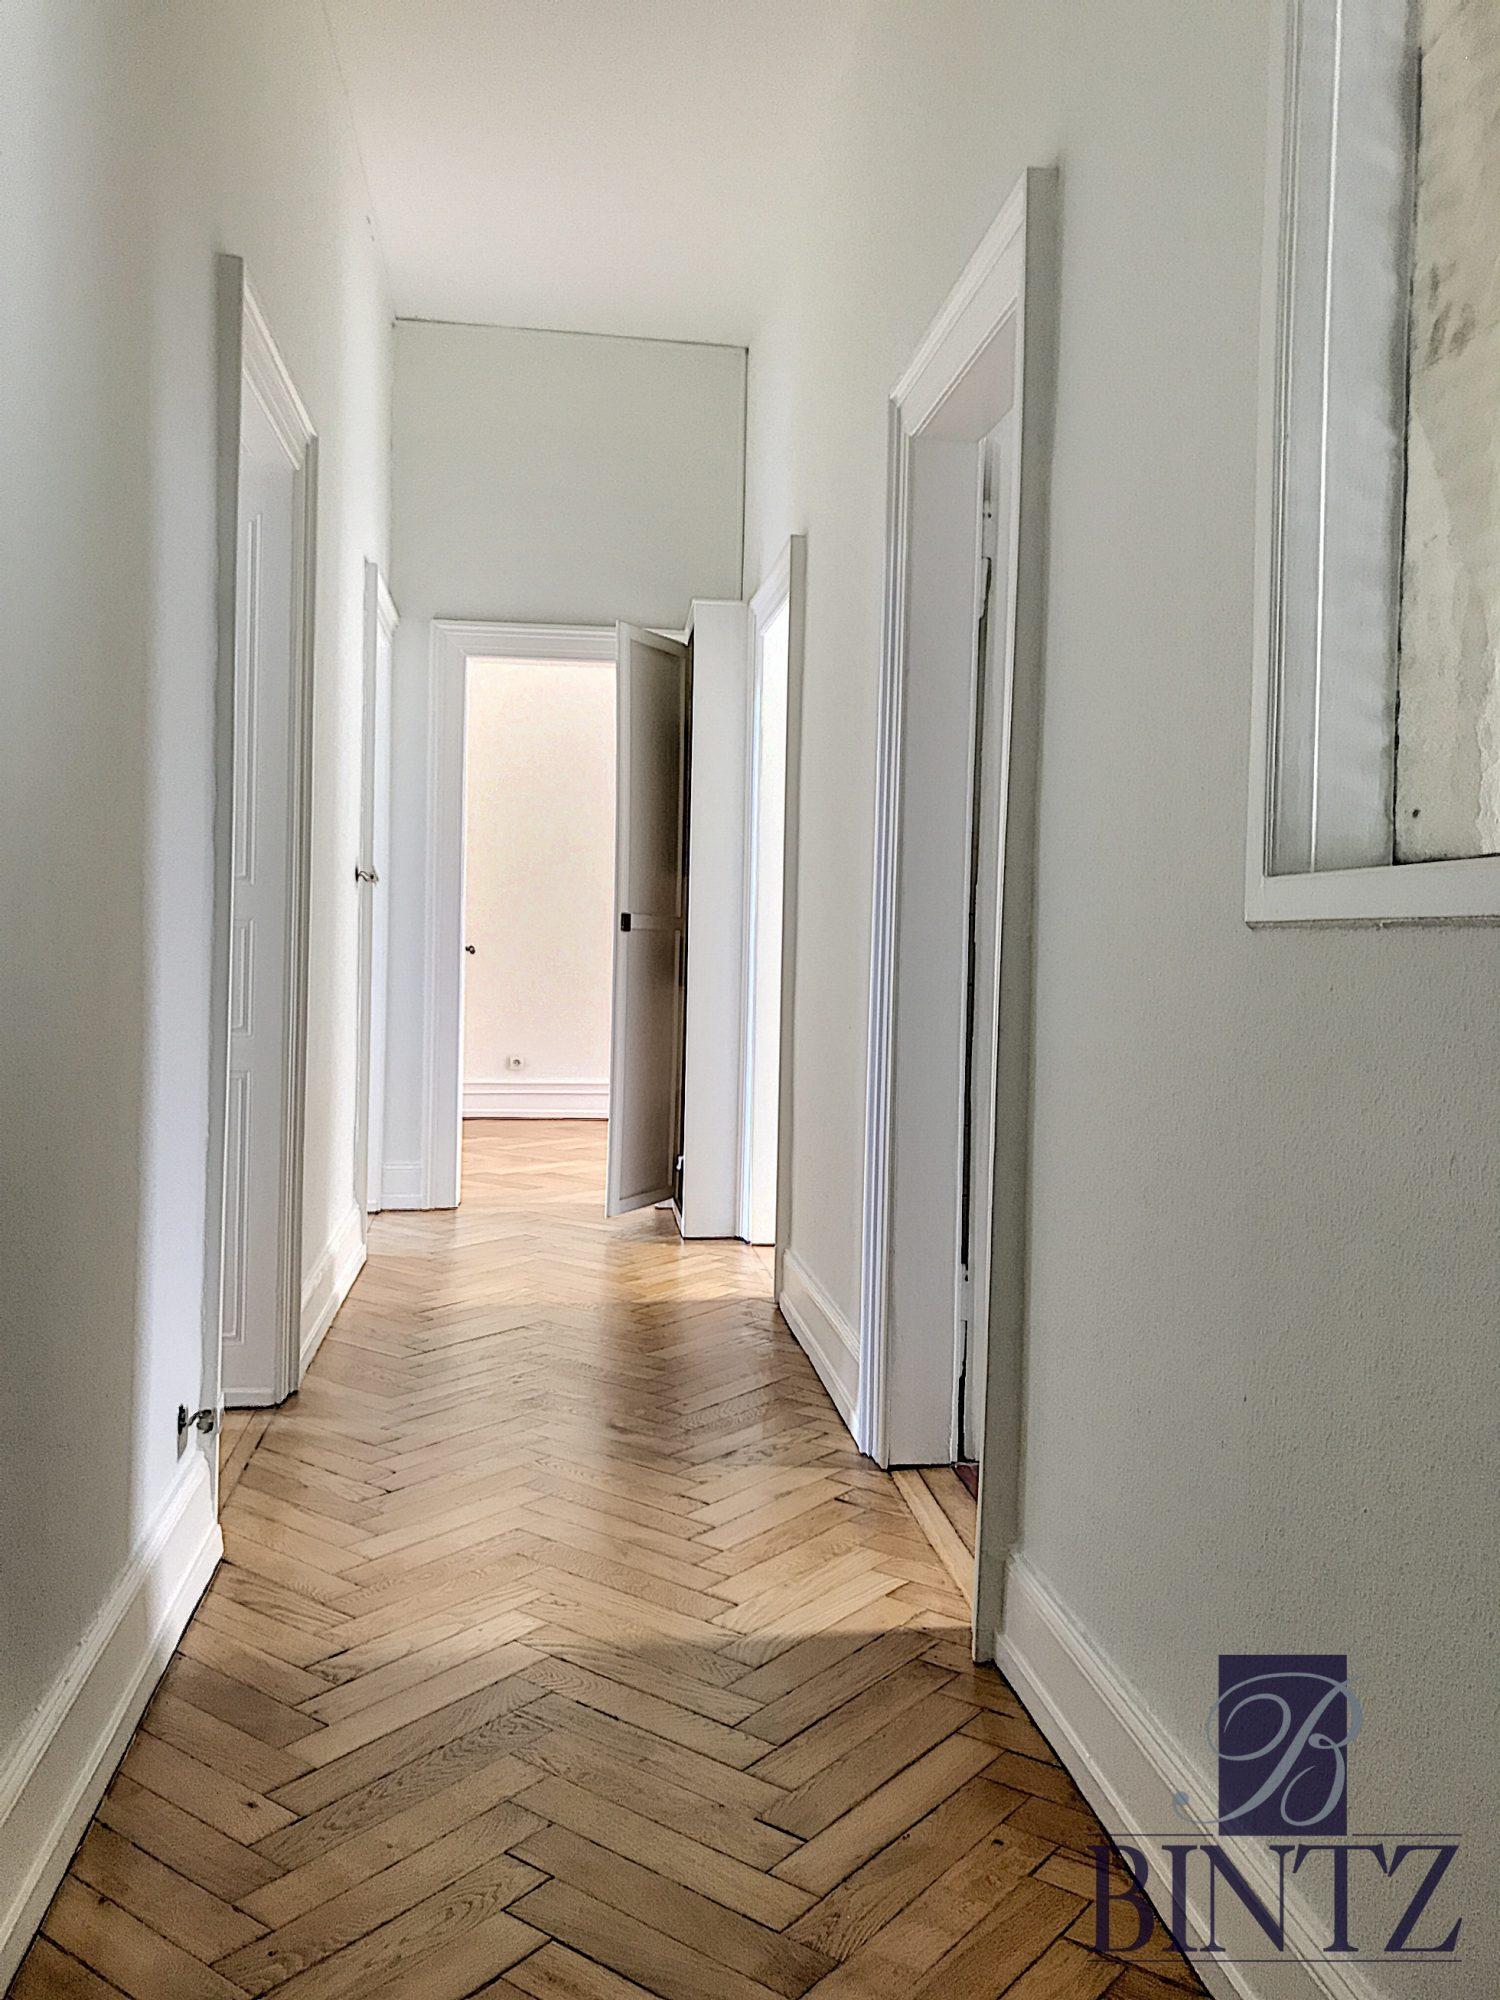 BEAU 3 PIÈCES SECTEUR FORET NOIRE - Devenez locataire en toute sérénité - Bintz Immobilier - 7